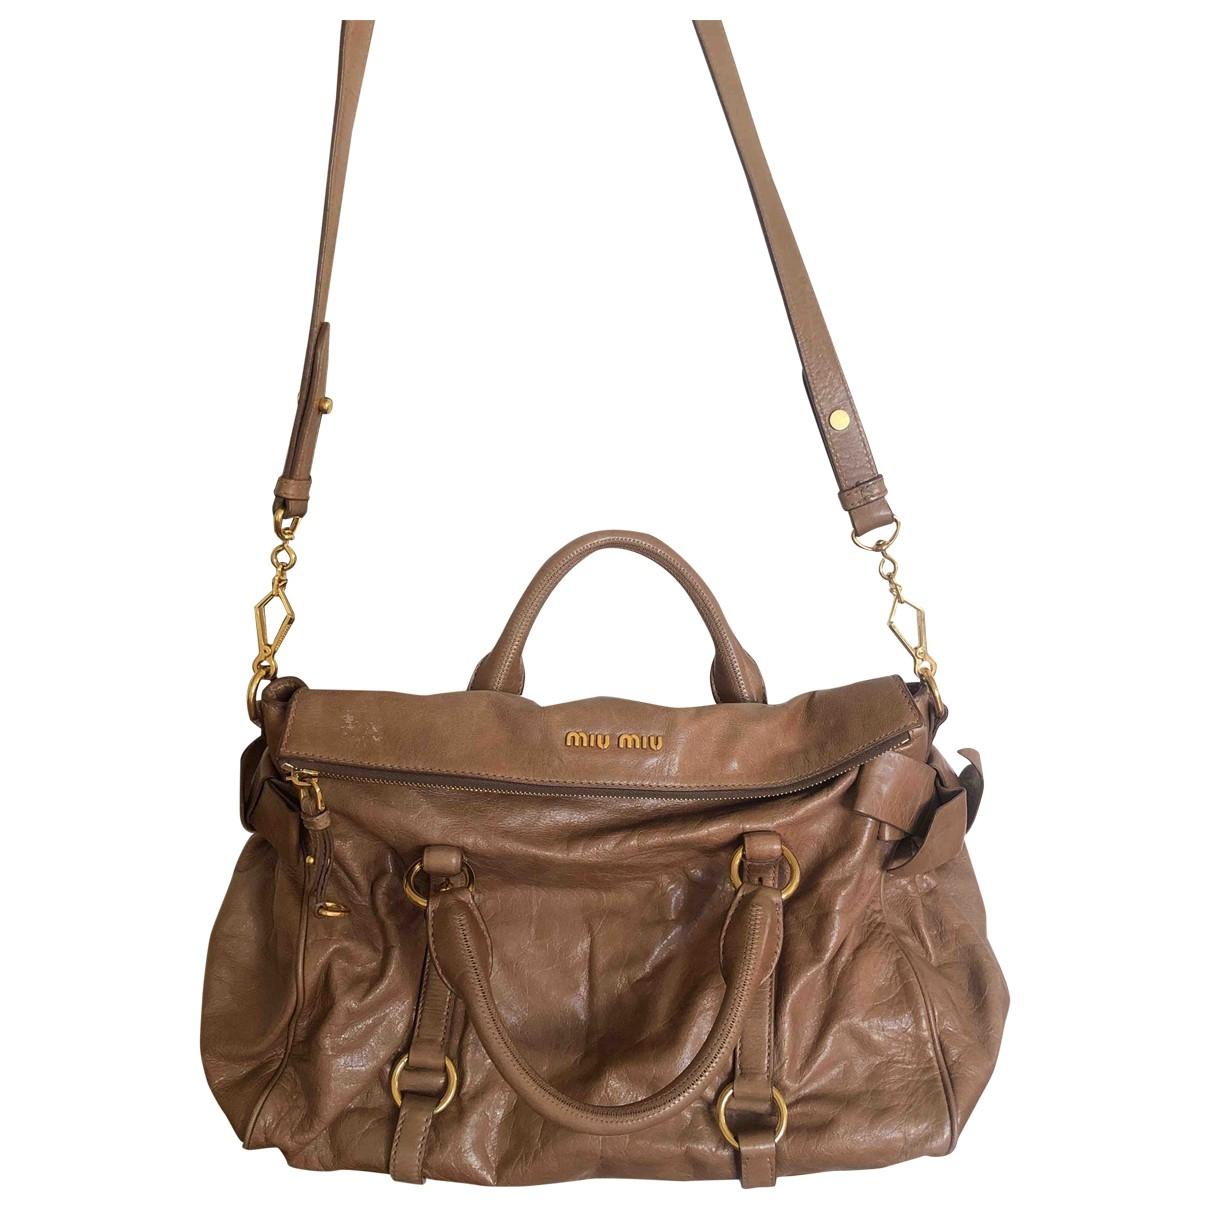 Miu Miu Bow bag Brown Patent leather handbag for Women \N